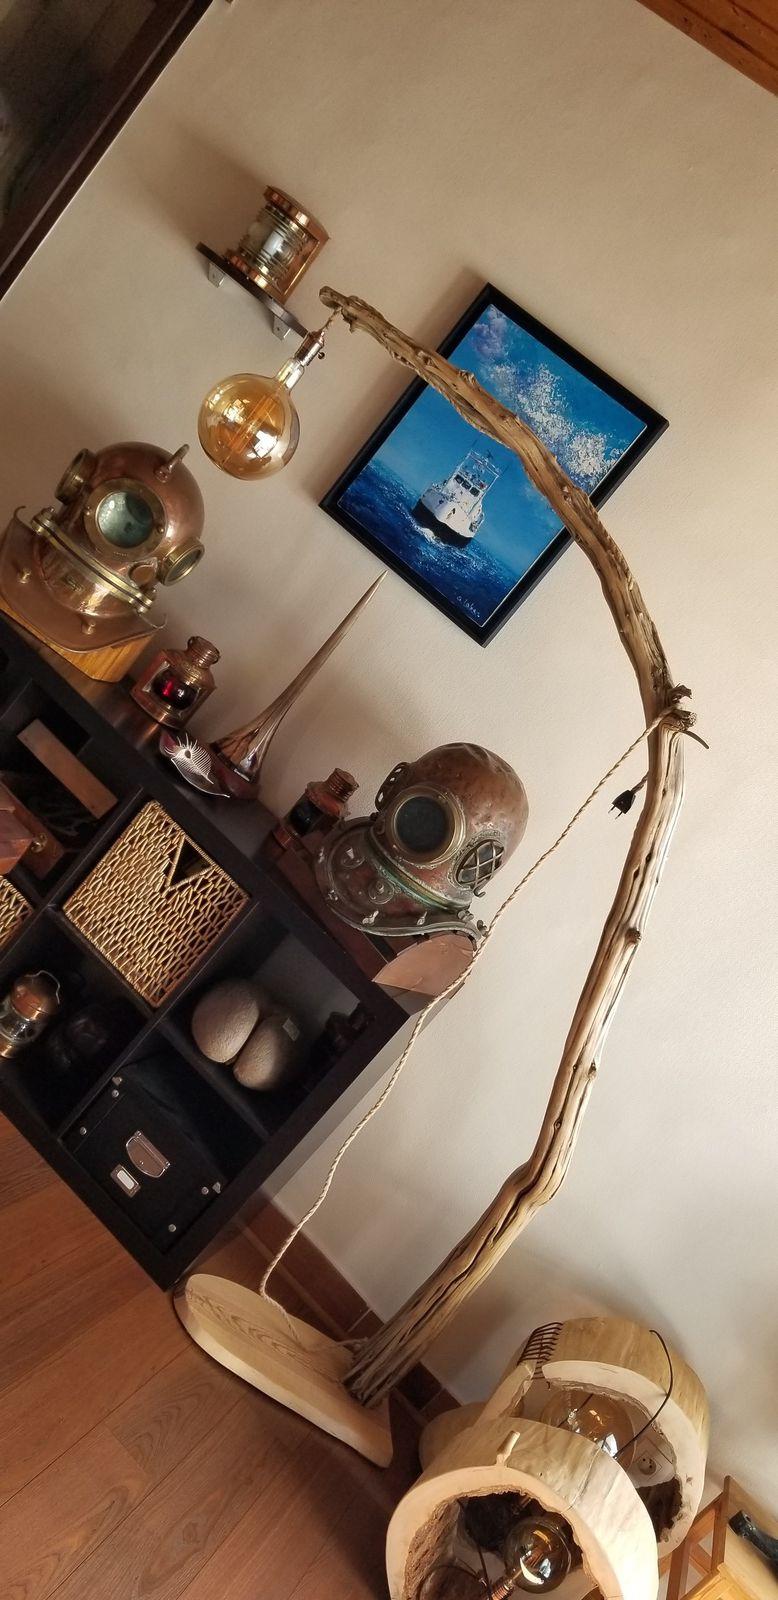 Lampadaire très grand, bois flotté arqué naturellement